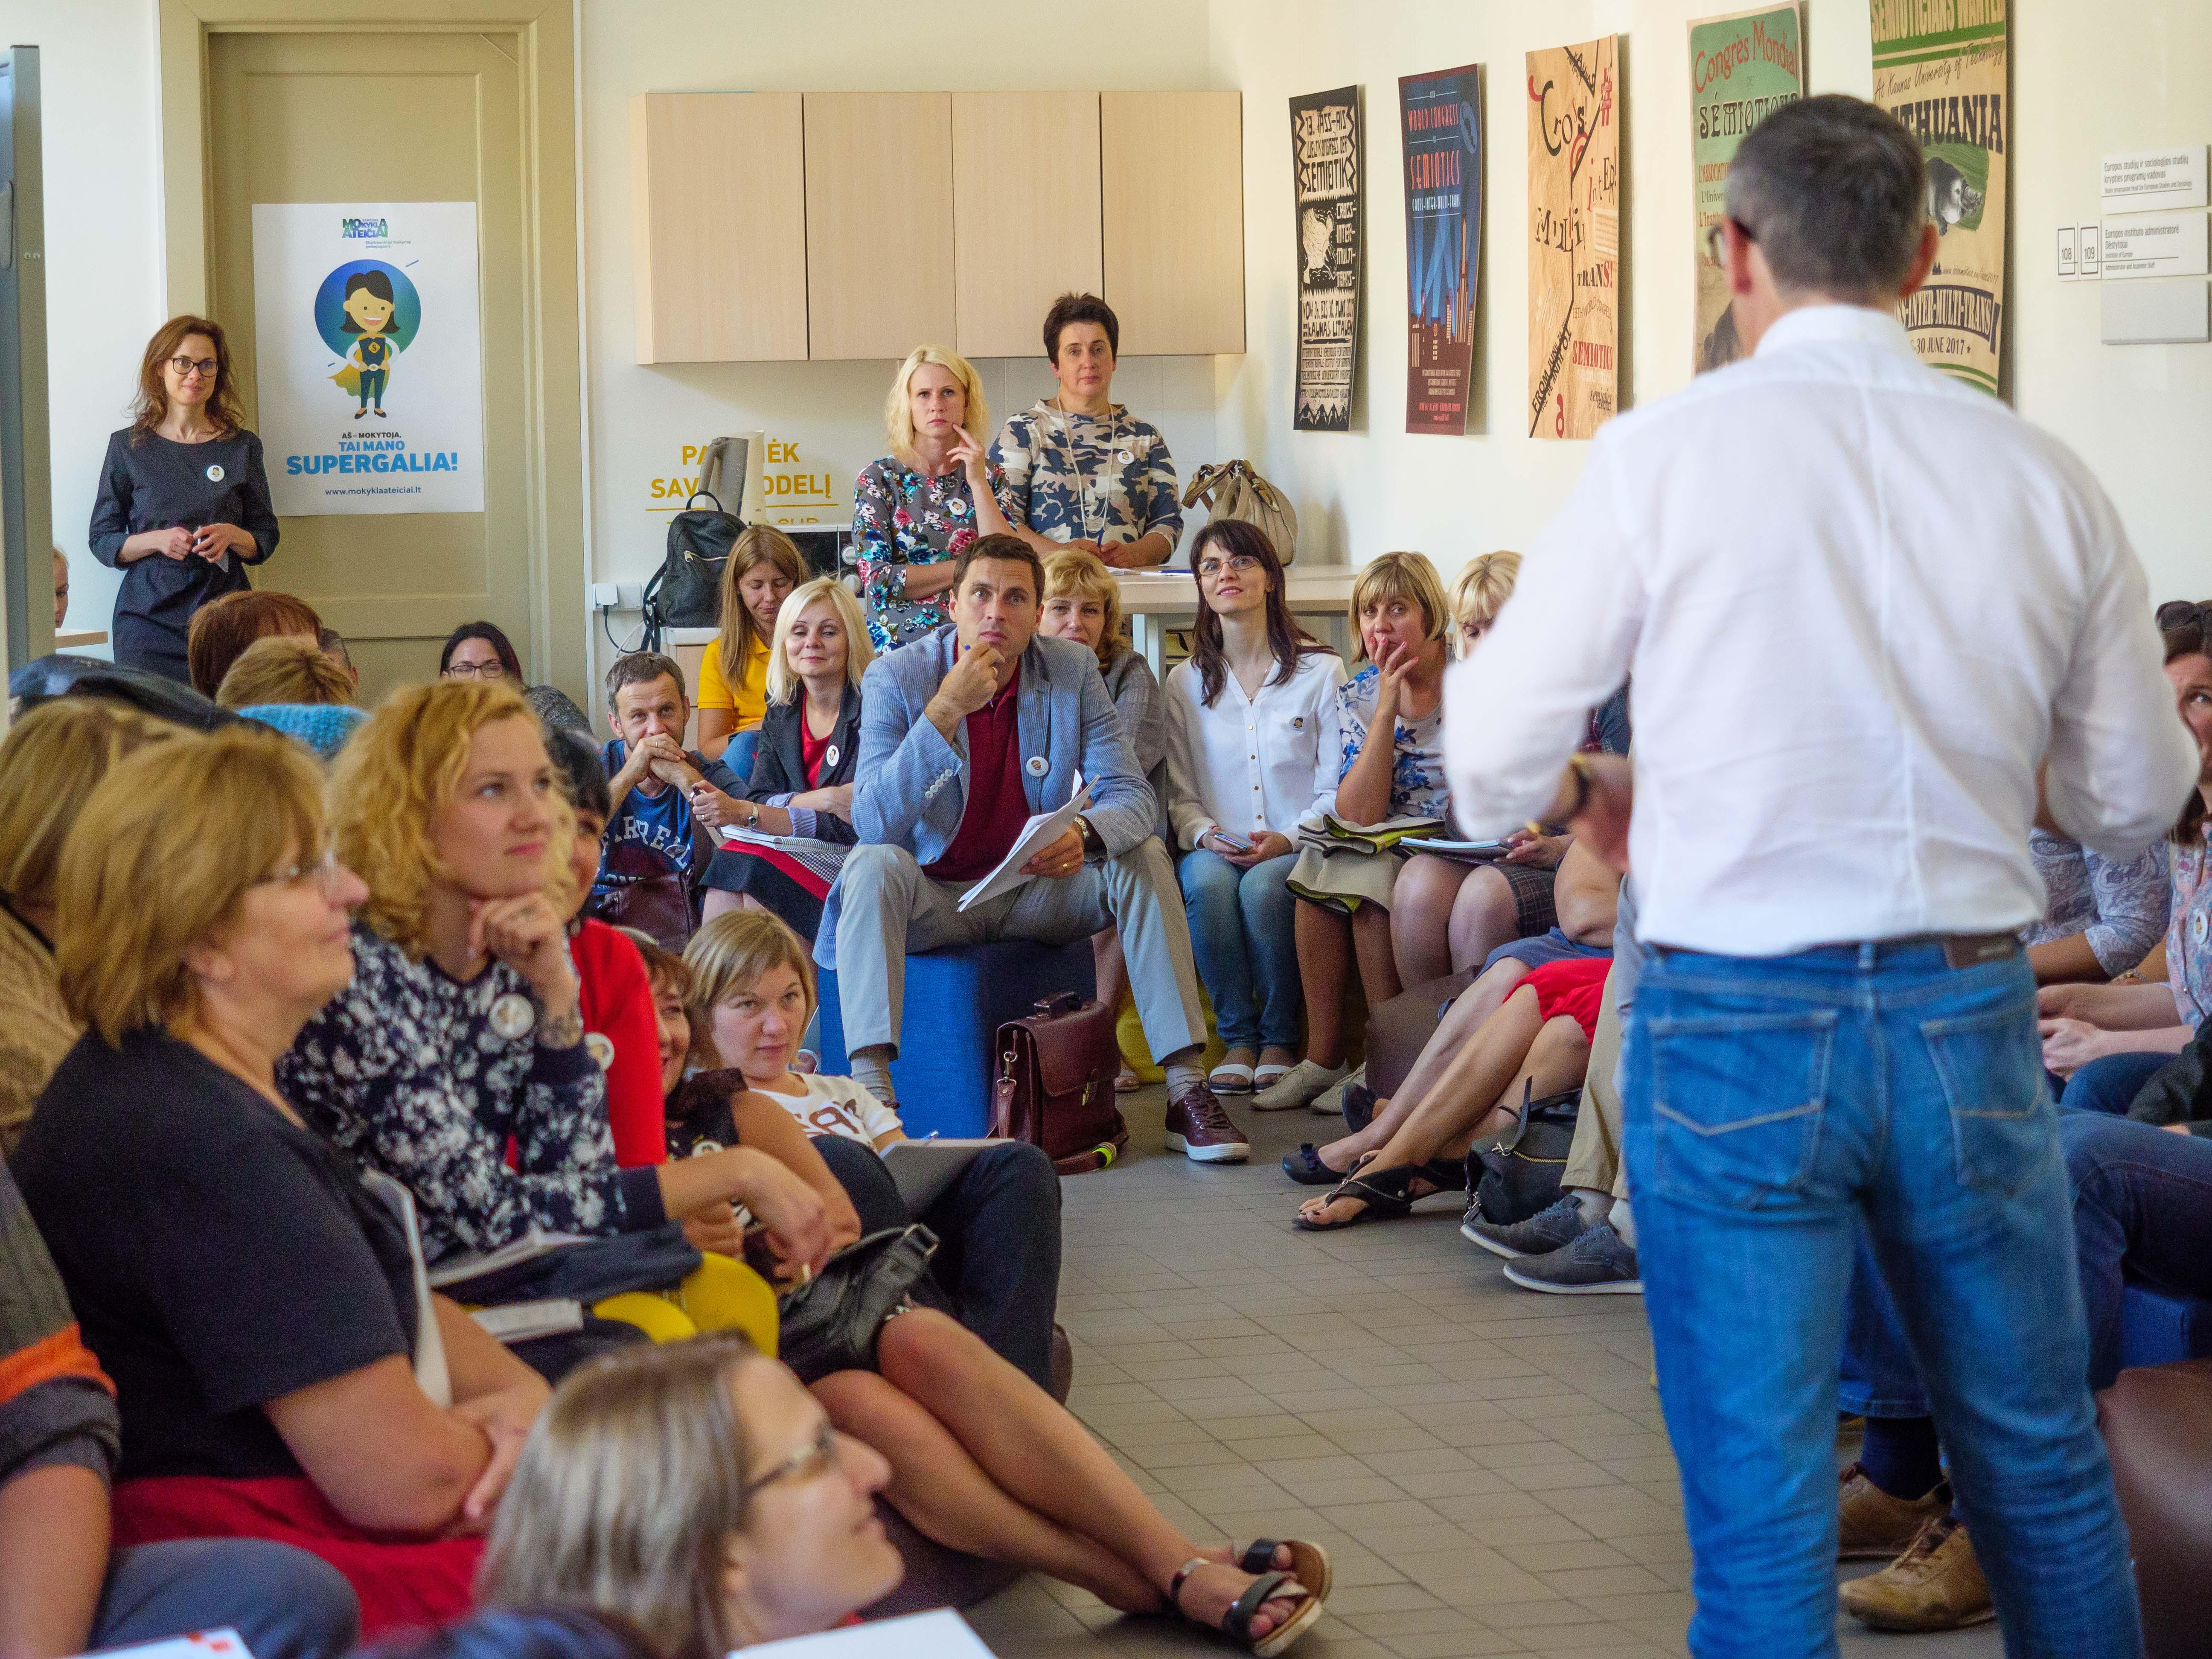 Mokytojai siekia skaitmeninių pokyčių - juos pradės 12 mokyklų